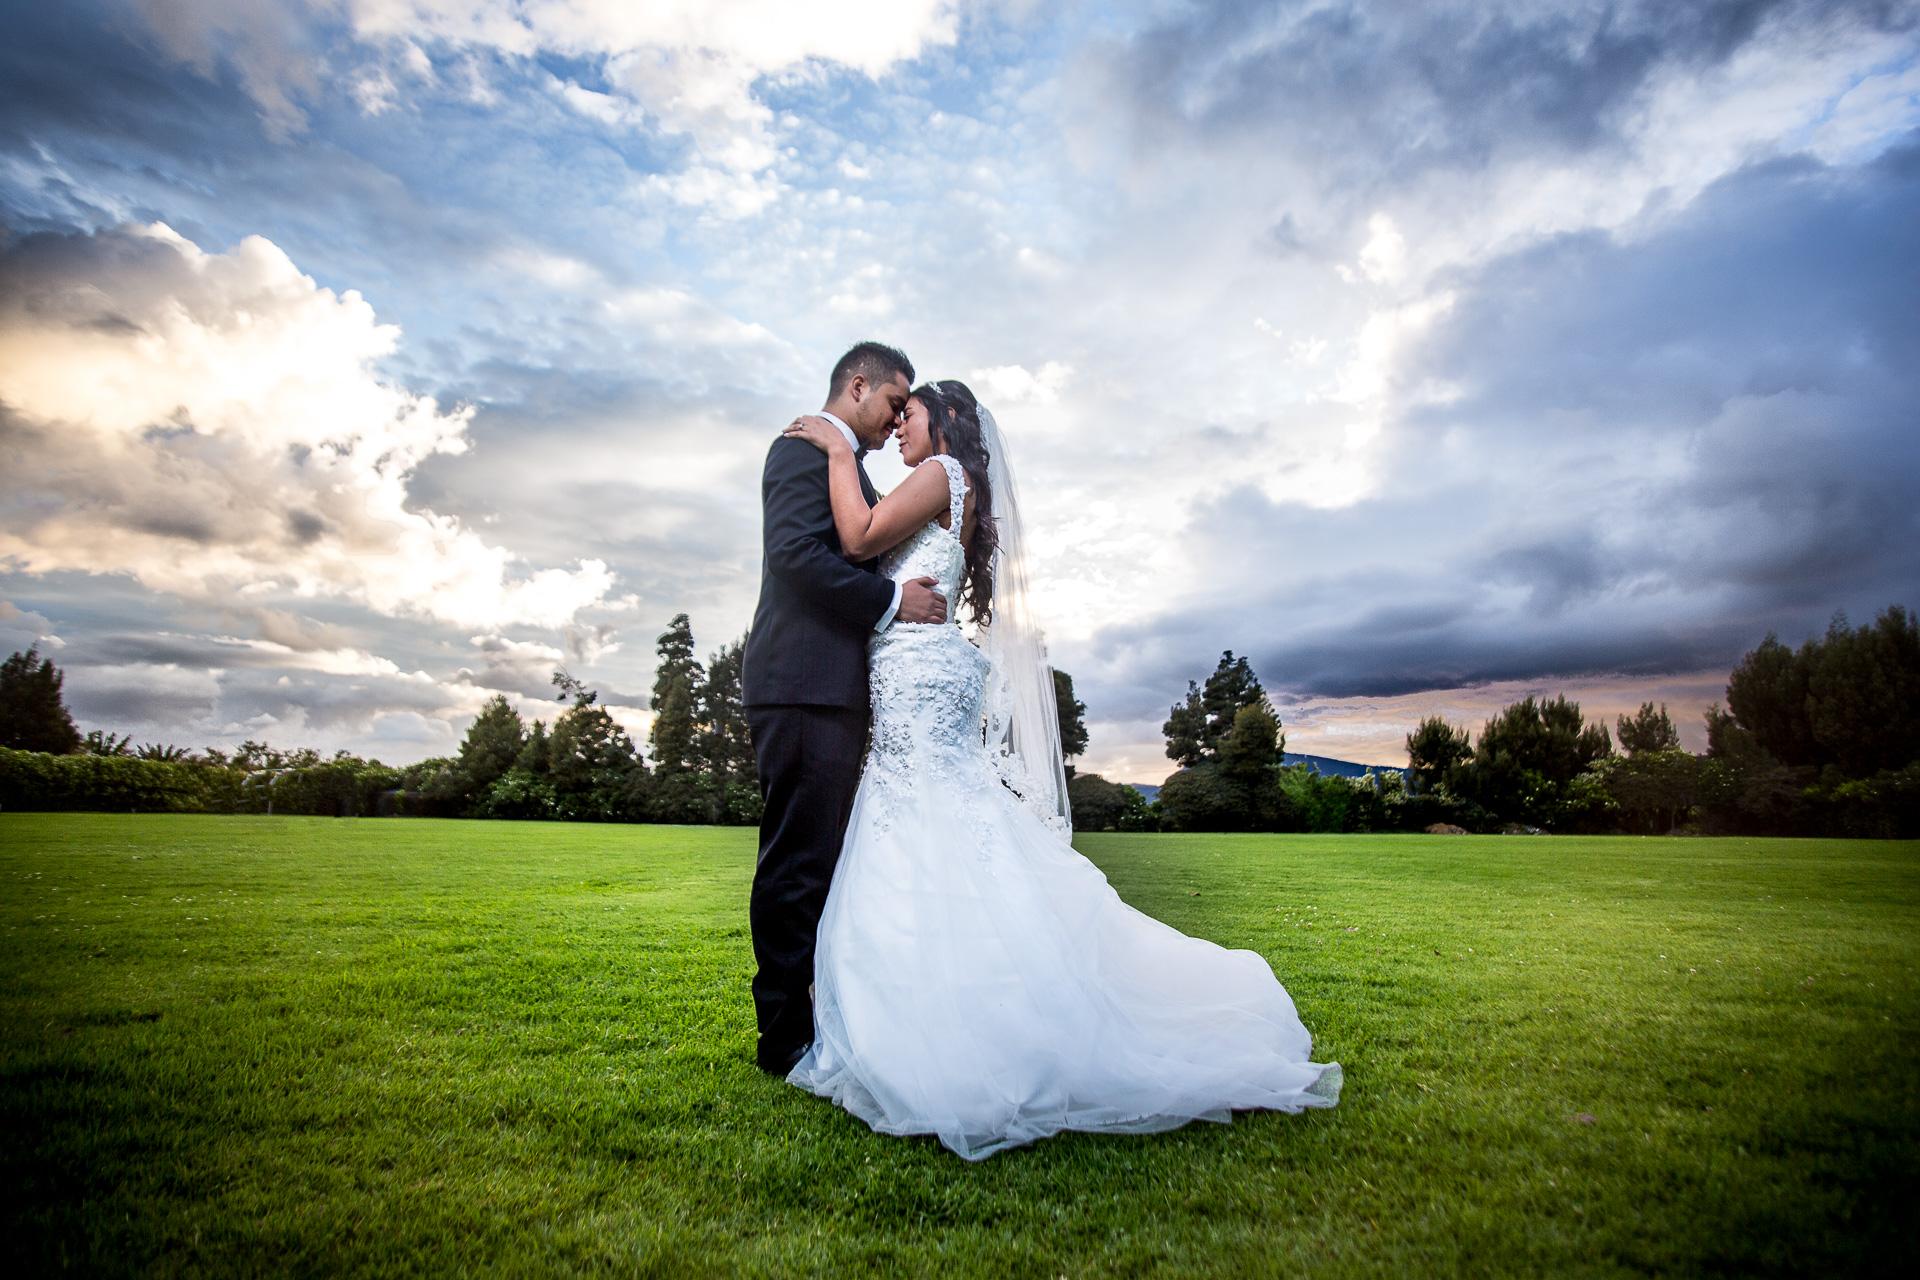 Fotógrafos-de-bodas-en-Colombia-Alejandro-y-Angelica-30-2 ALEJANDRO + ANGELICA